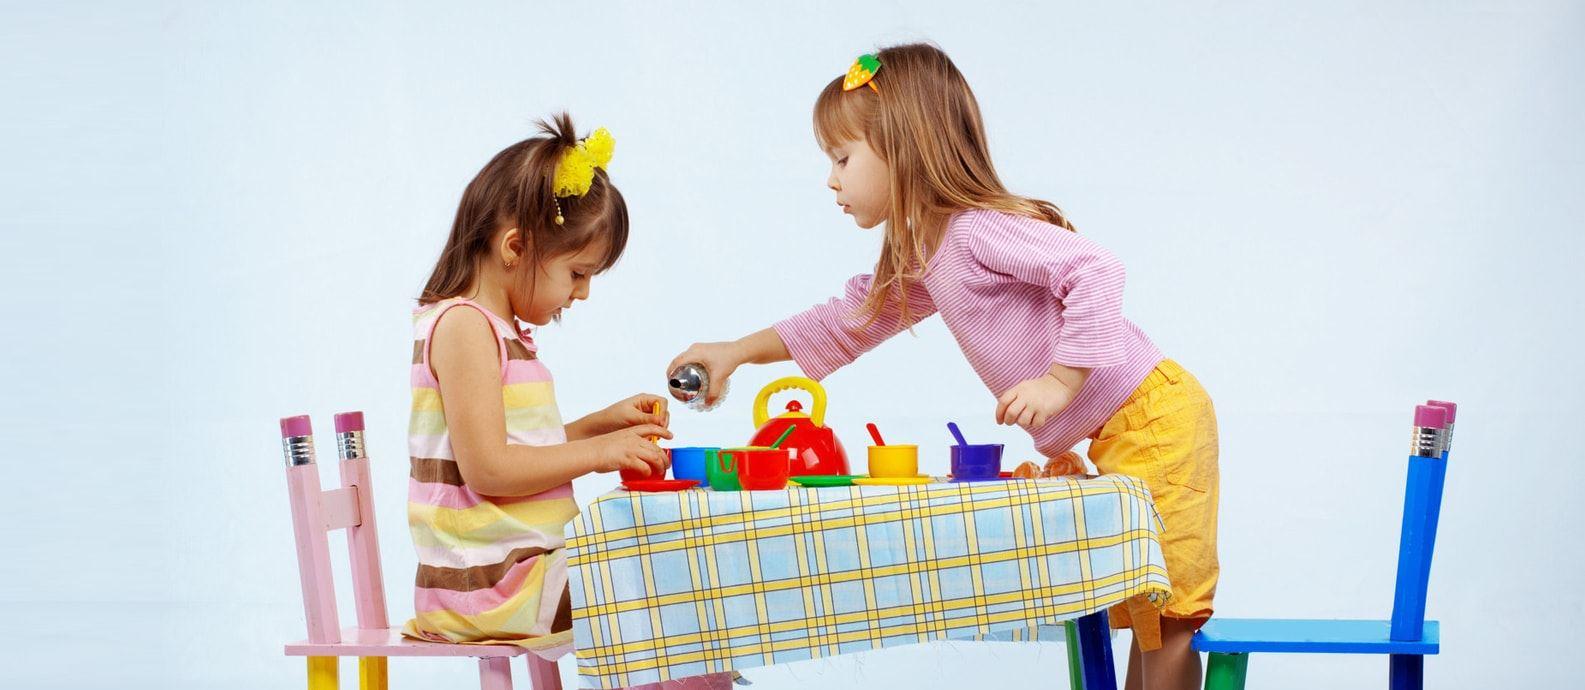 Магазин детских товаров1